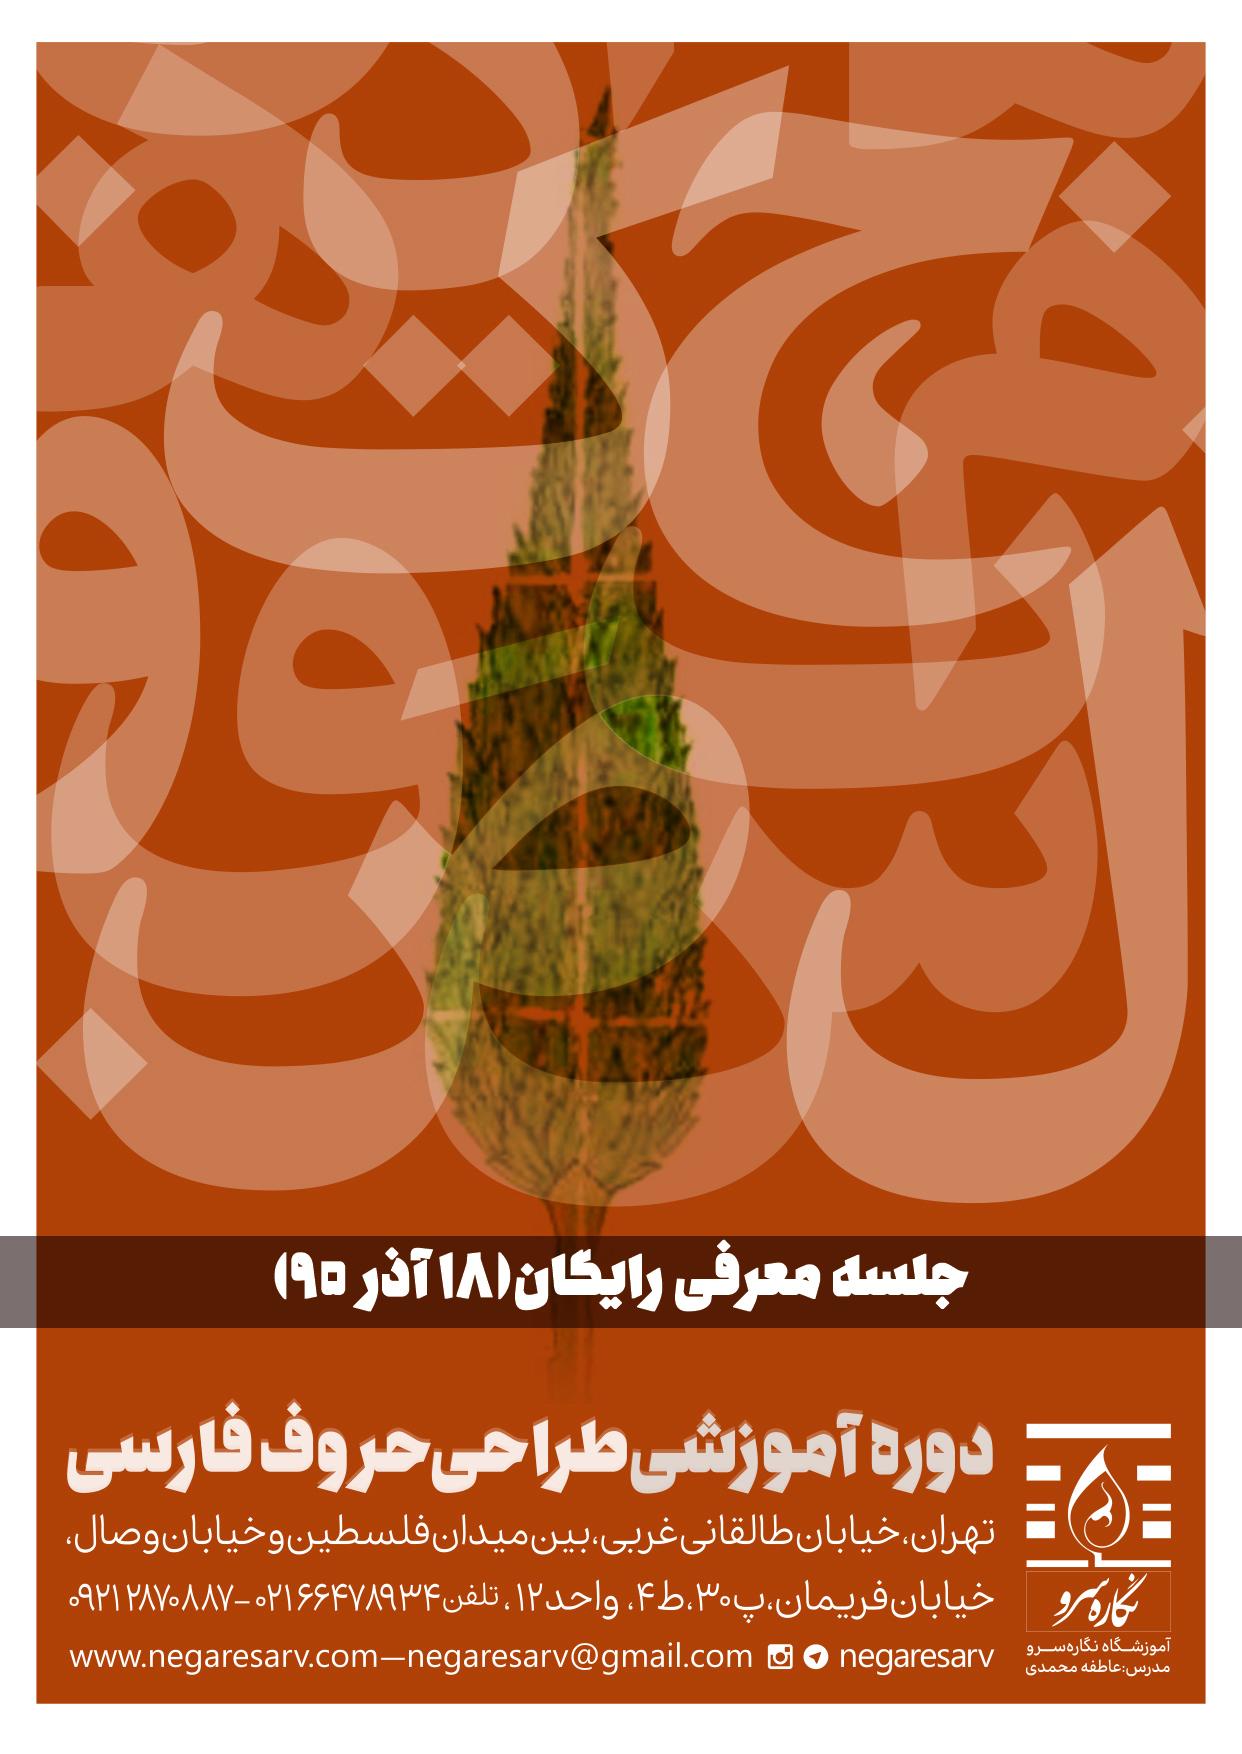 سمینار معرفی دوره آموزشی «طراحی حروف فارسی»